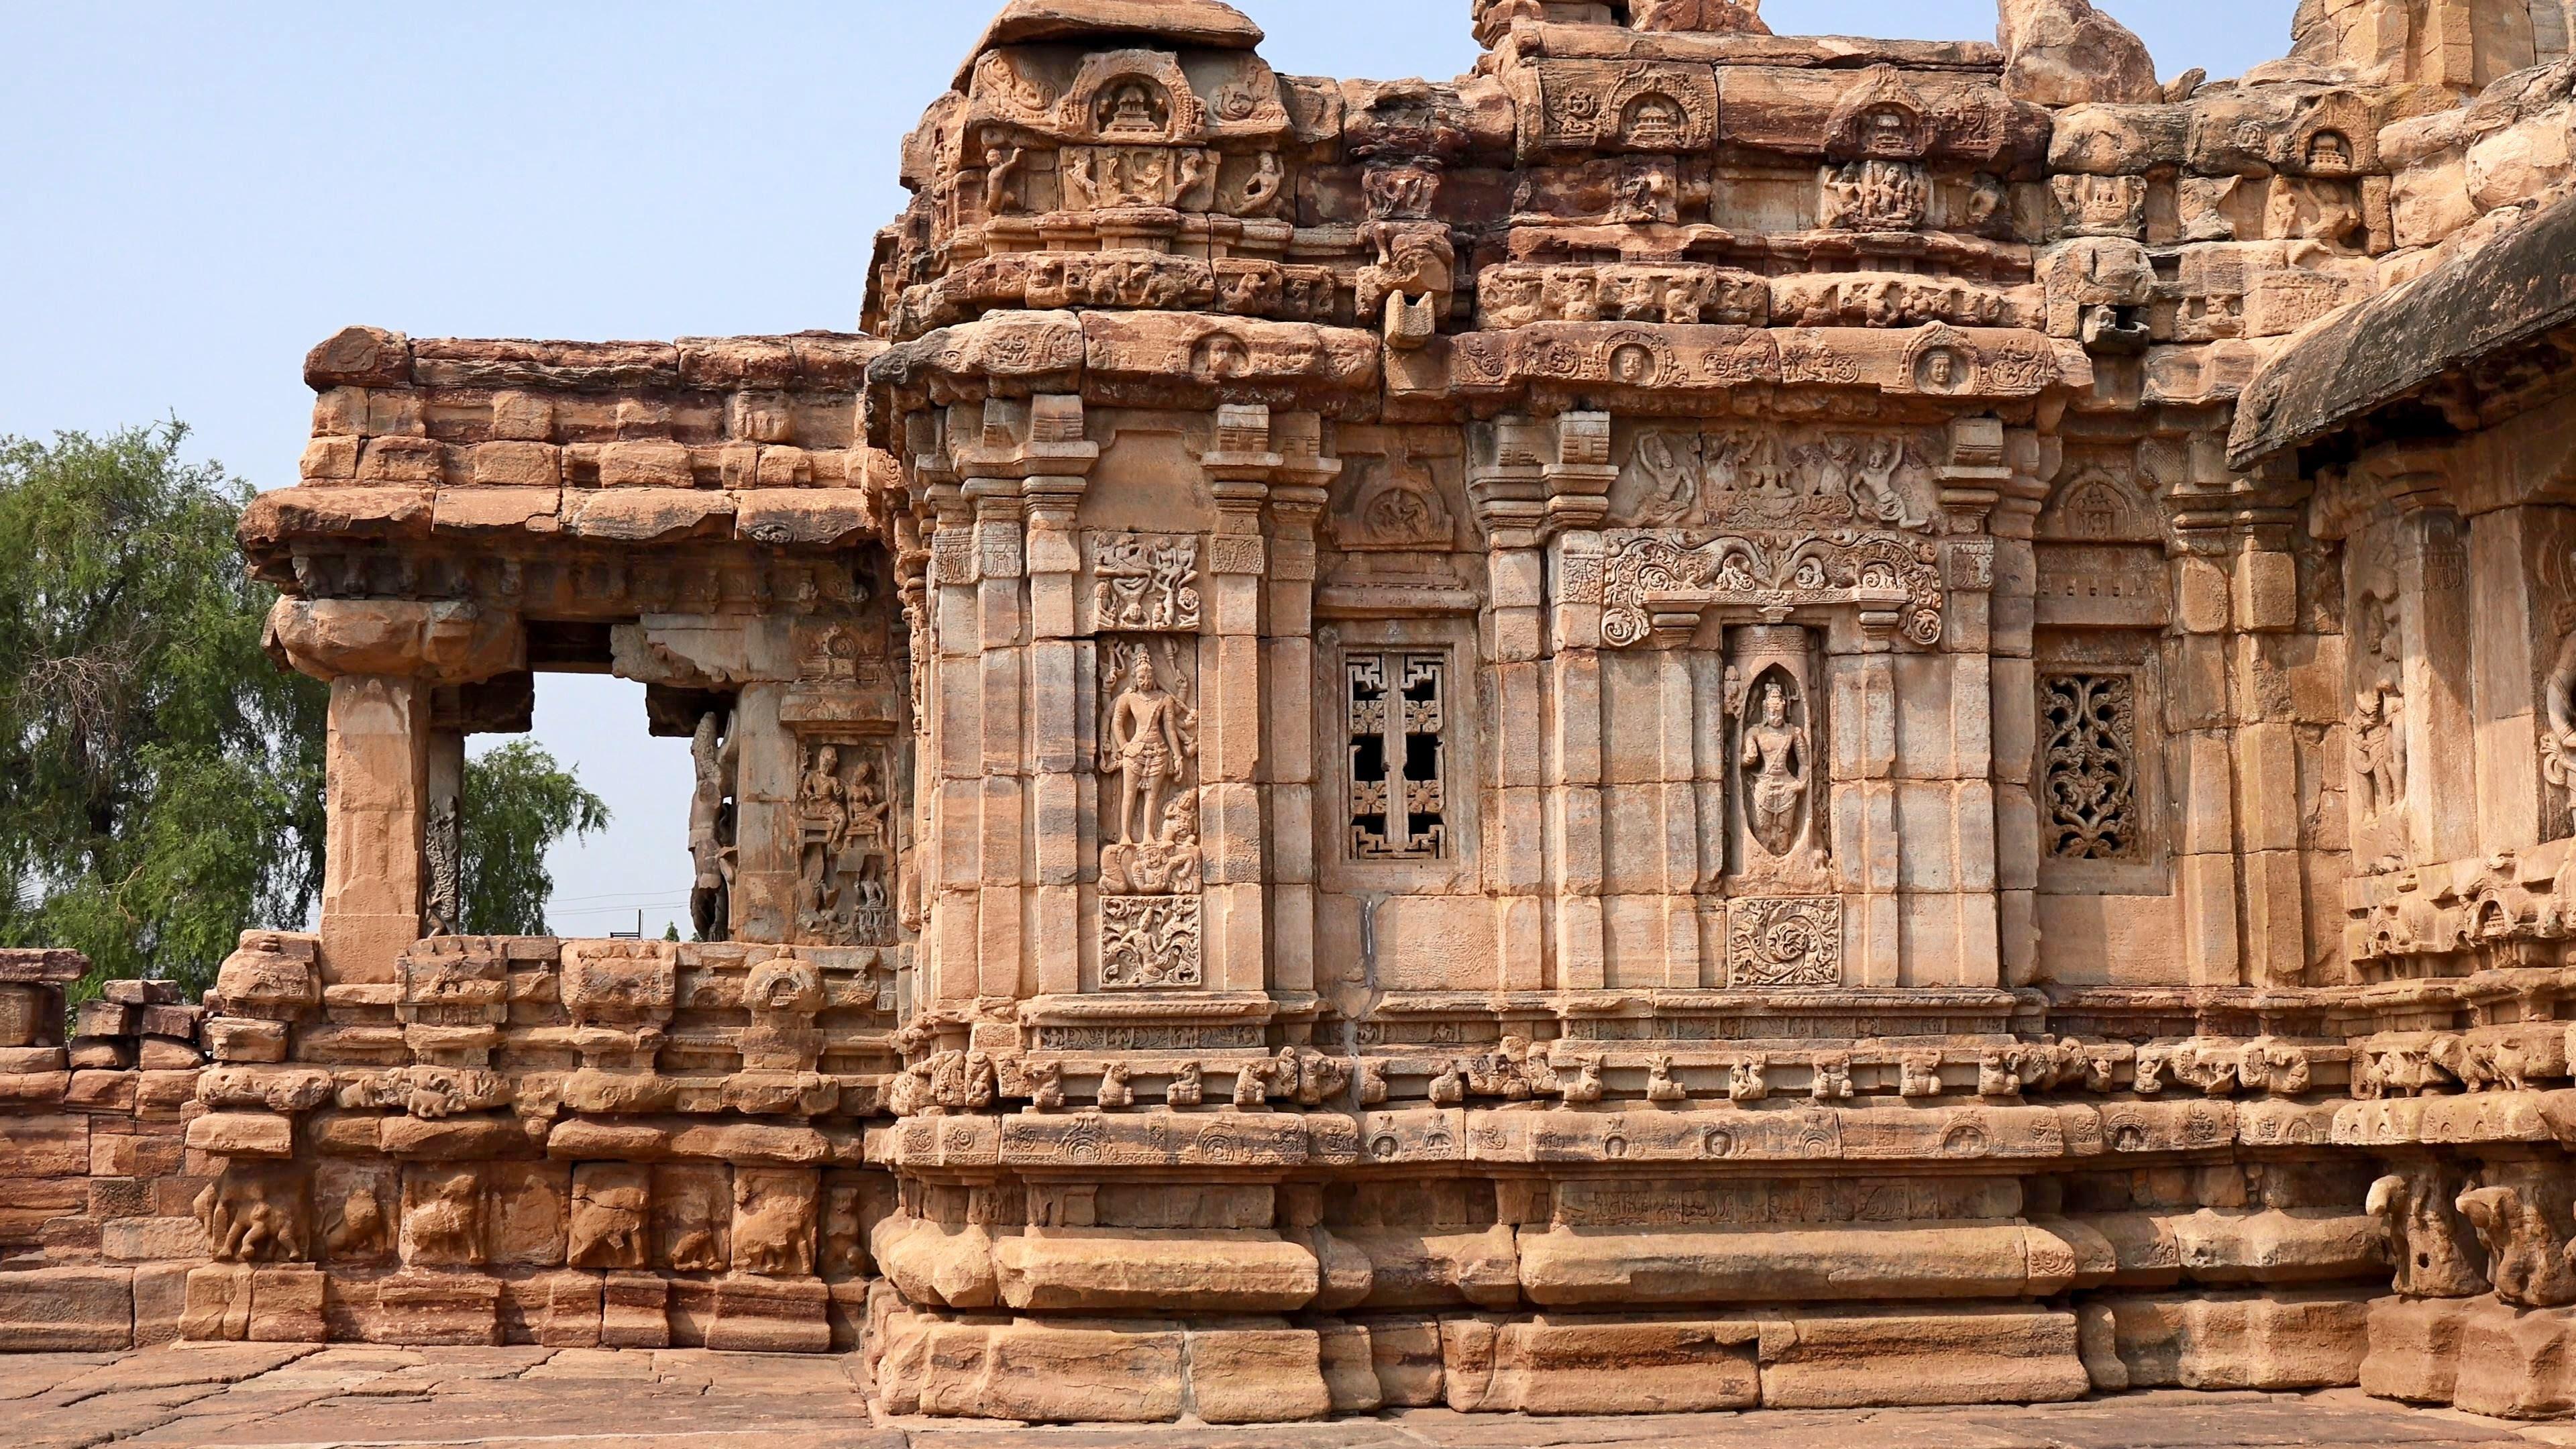 Monuments at Pattadakal and Aihole, Karnataka, India in 4K (Ultra.